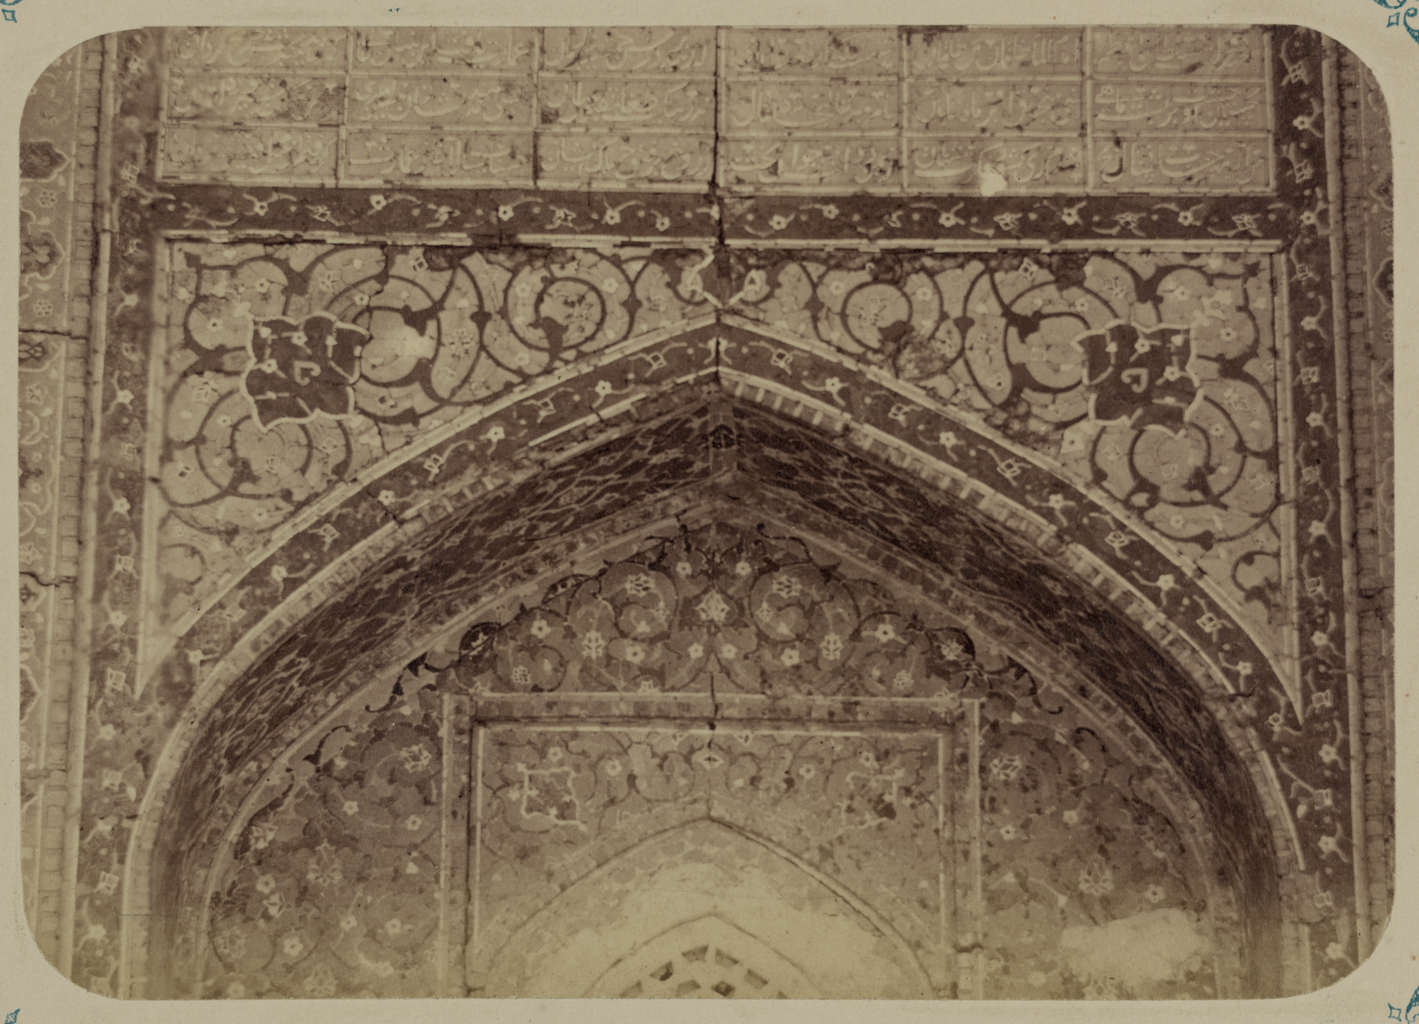 Медресе Надир Диван-Беги, соборная мечеть (мечеть джами). Надписи внутри ниши главного входа над окном